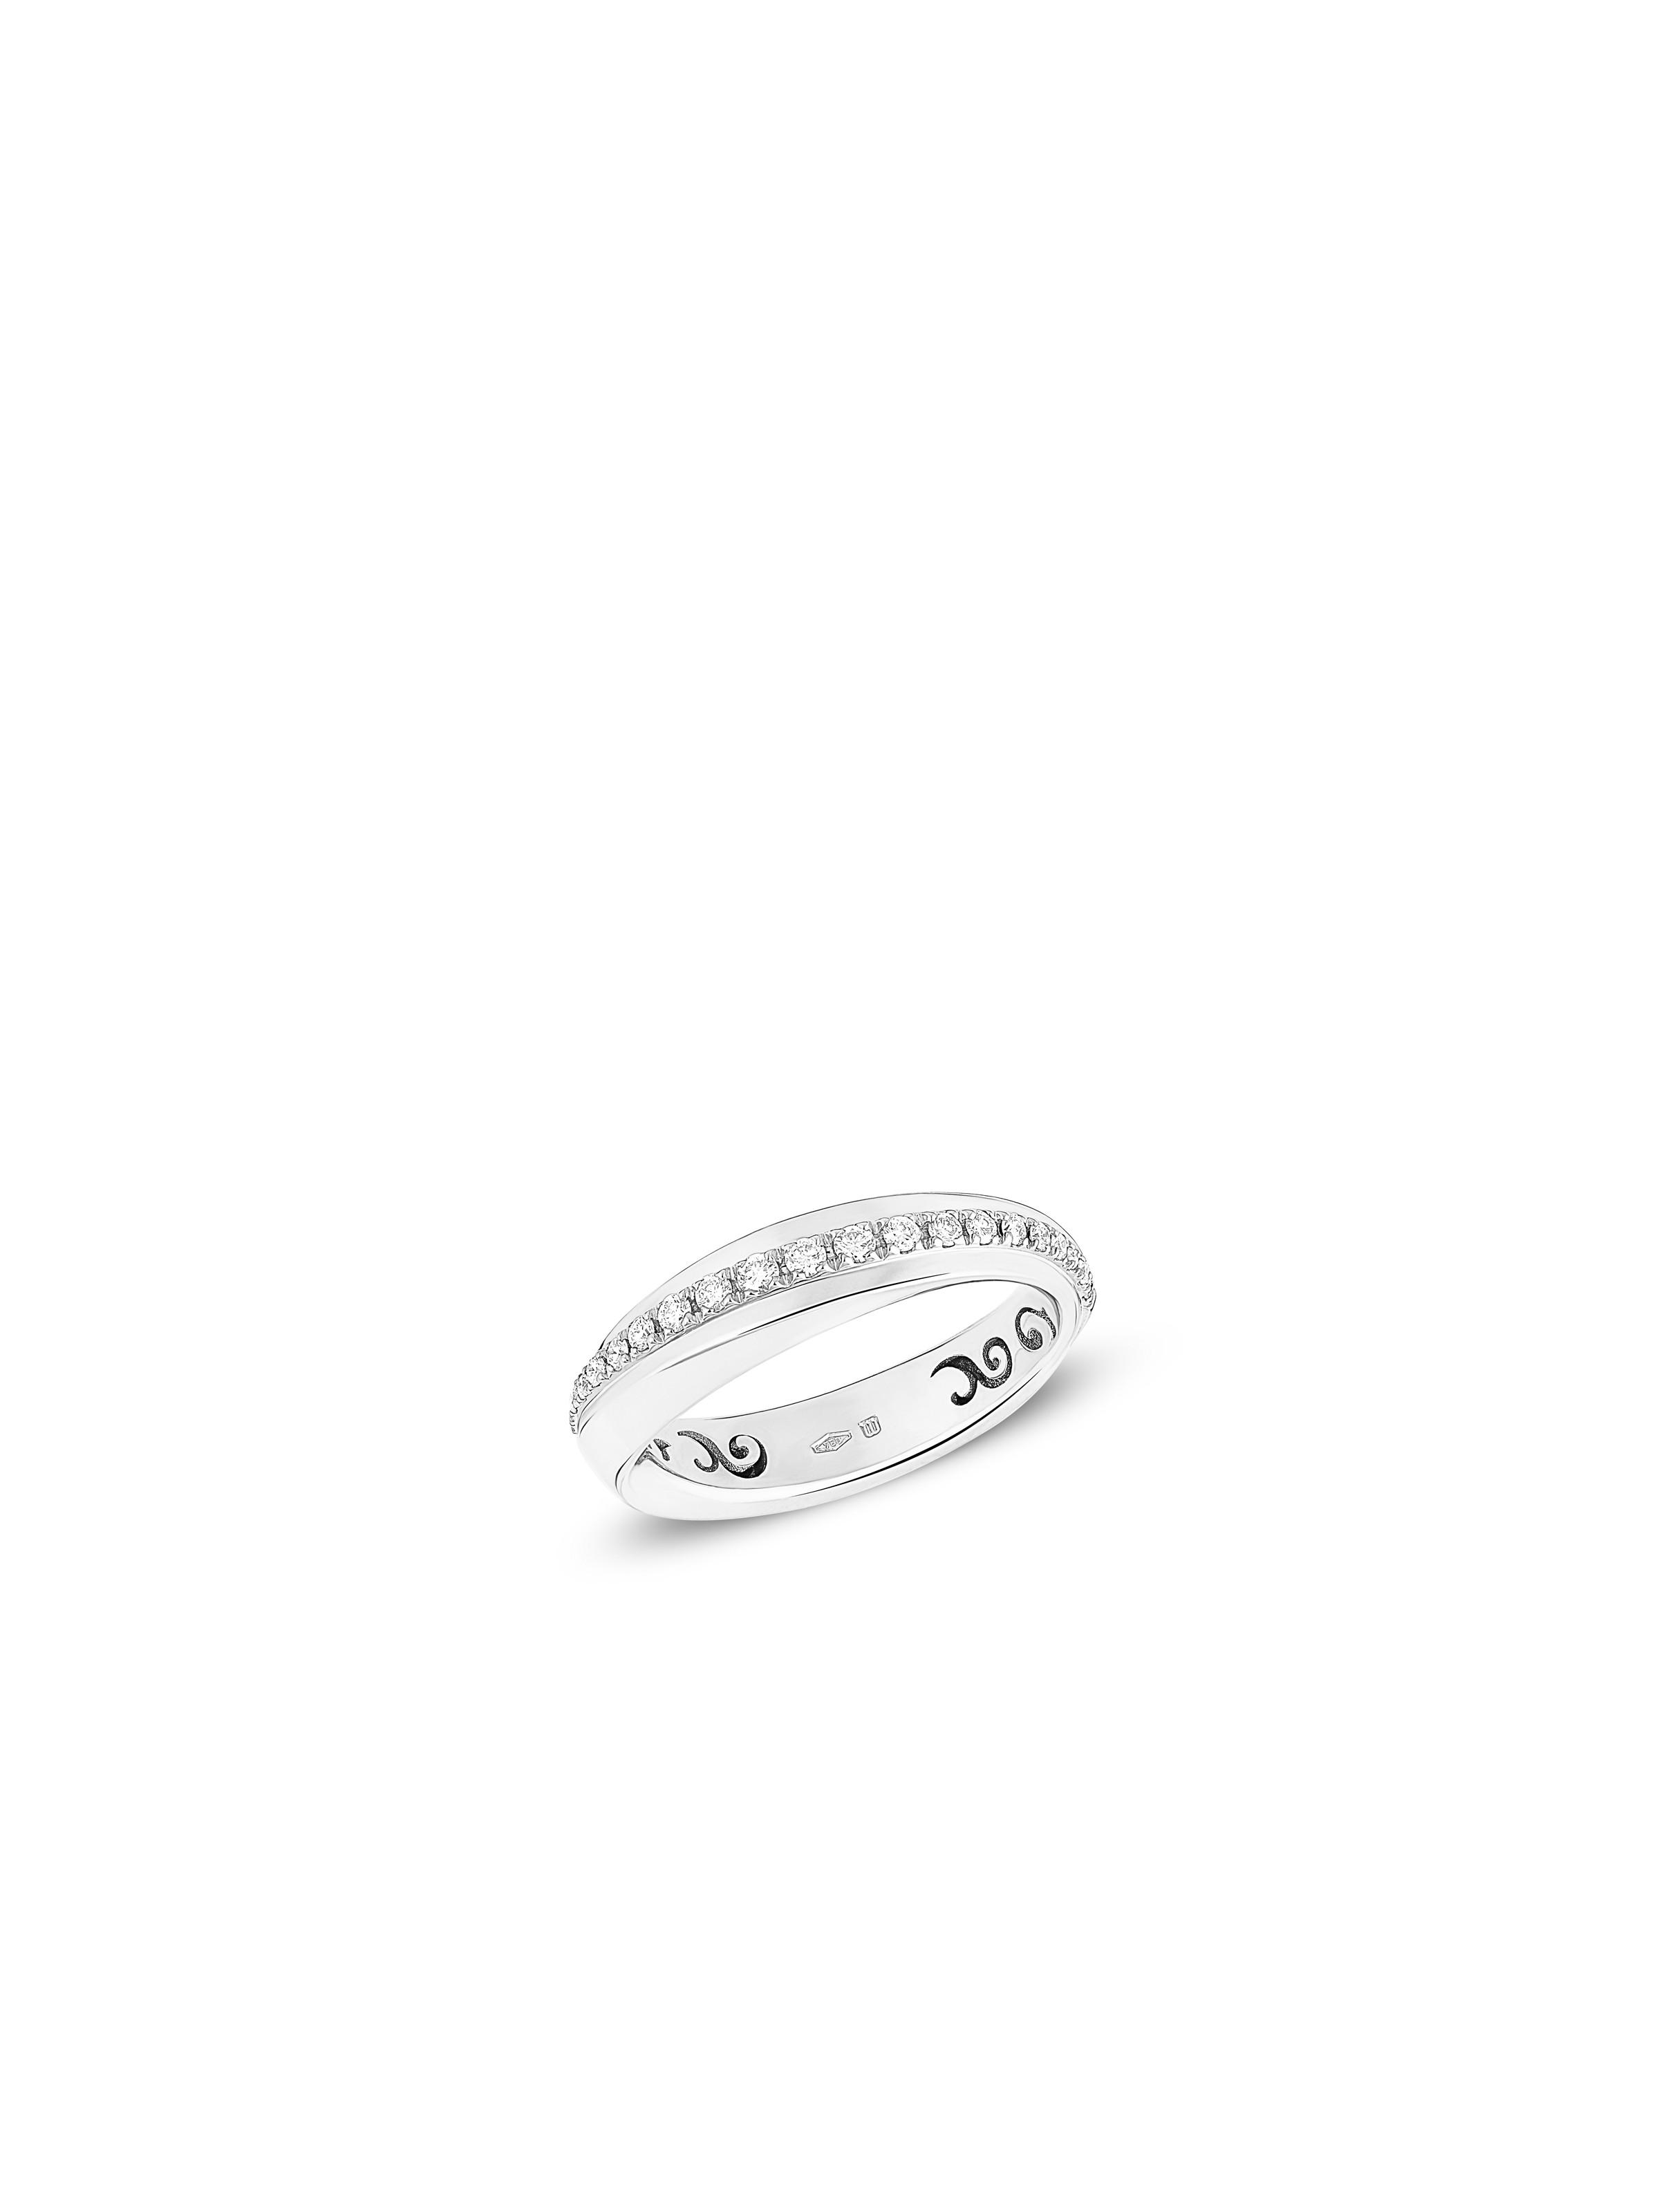 Basics ring